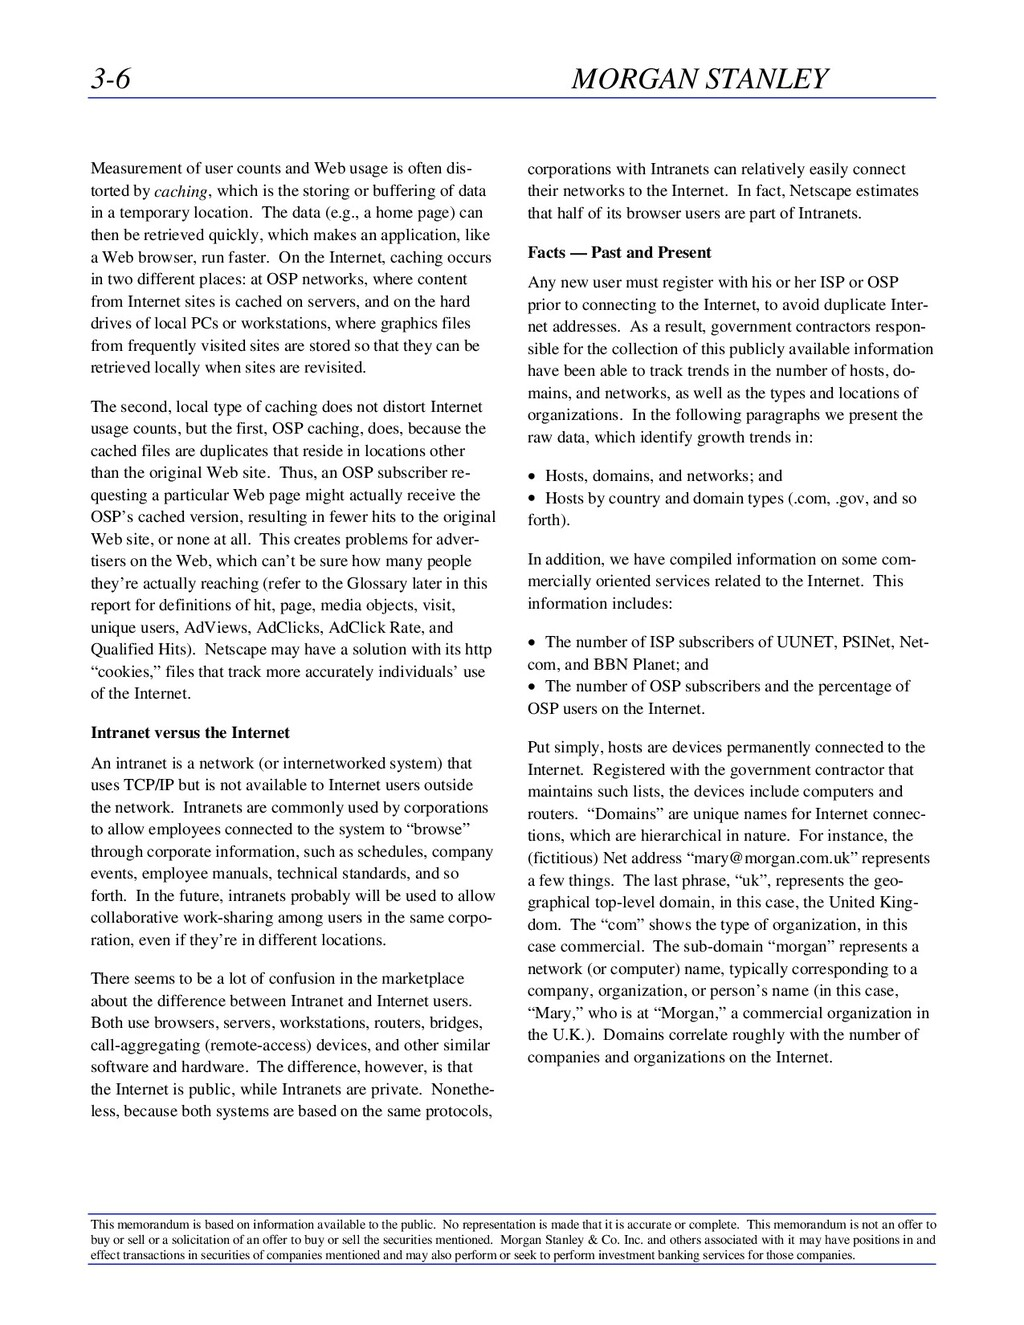 3-6 MORGAN STANLEY This memorandum is based on ...